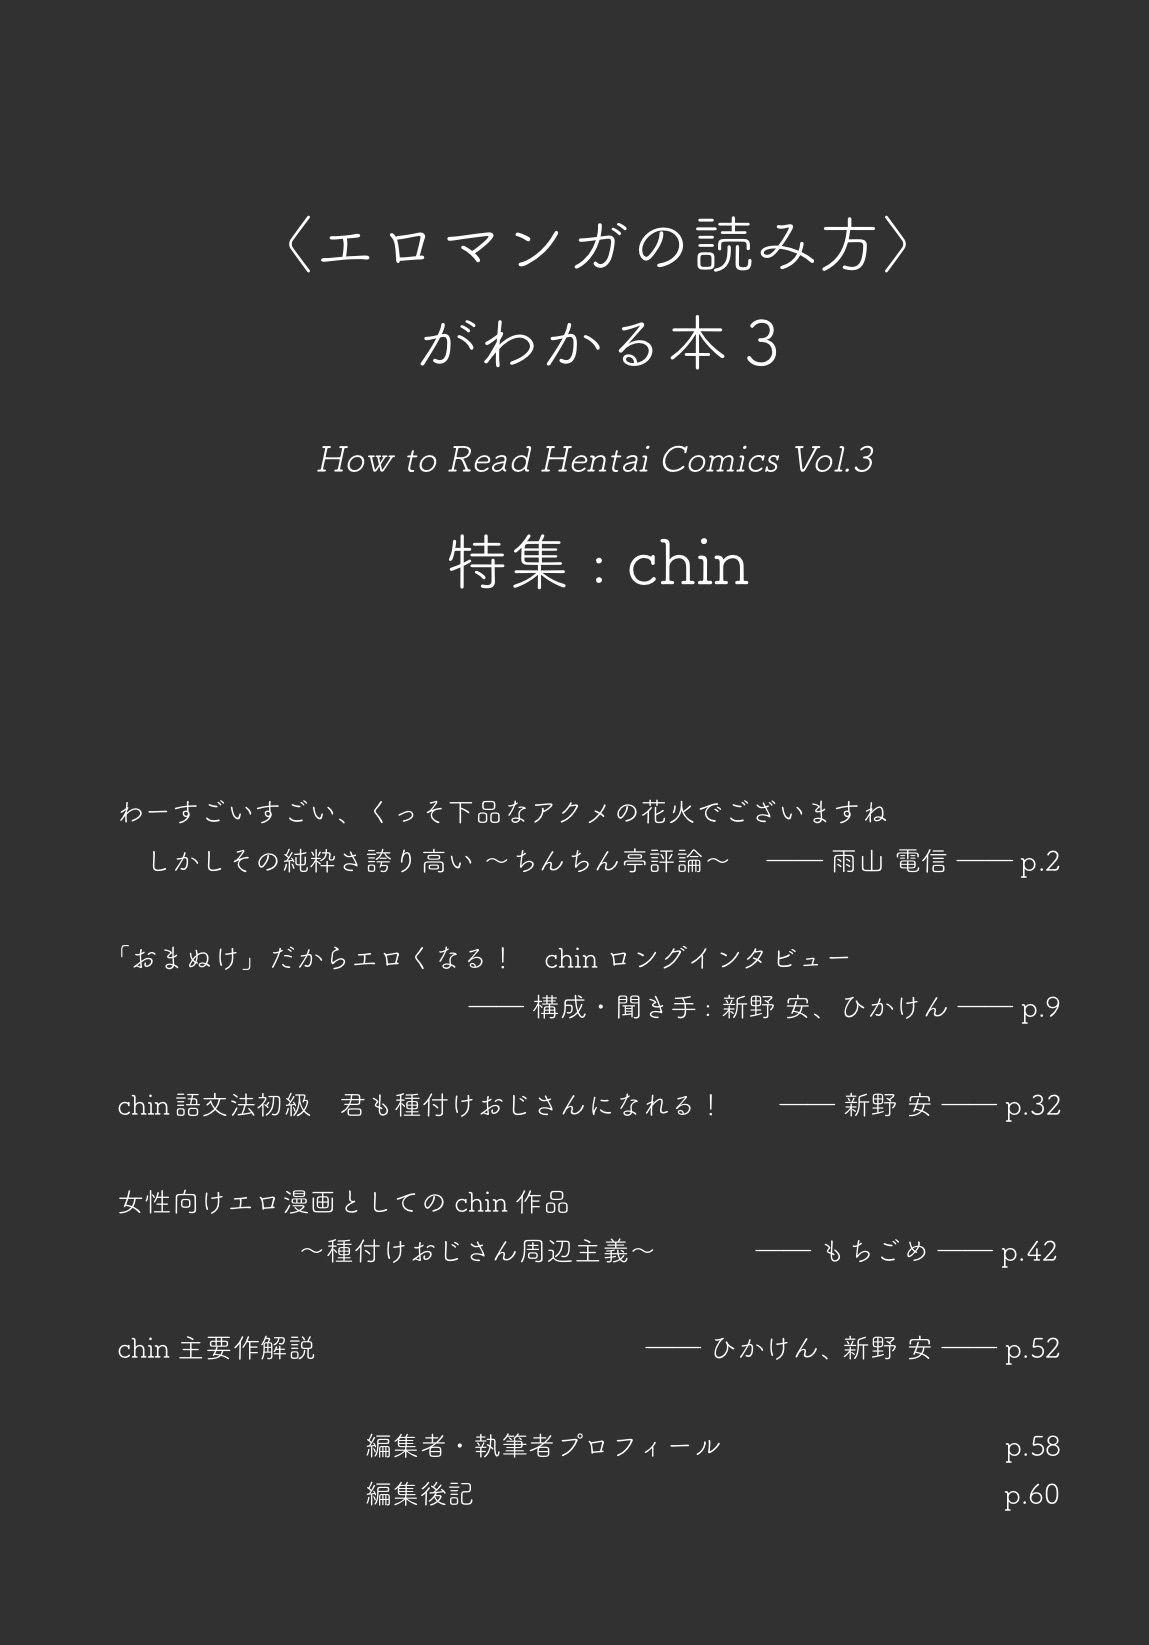 〈エロマンガの読み方〉がわかる本3 特集:chin